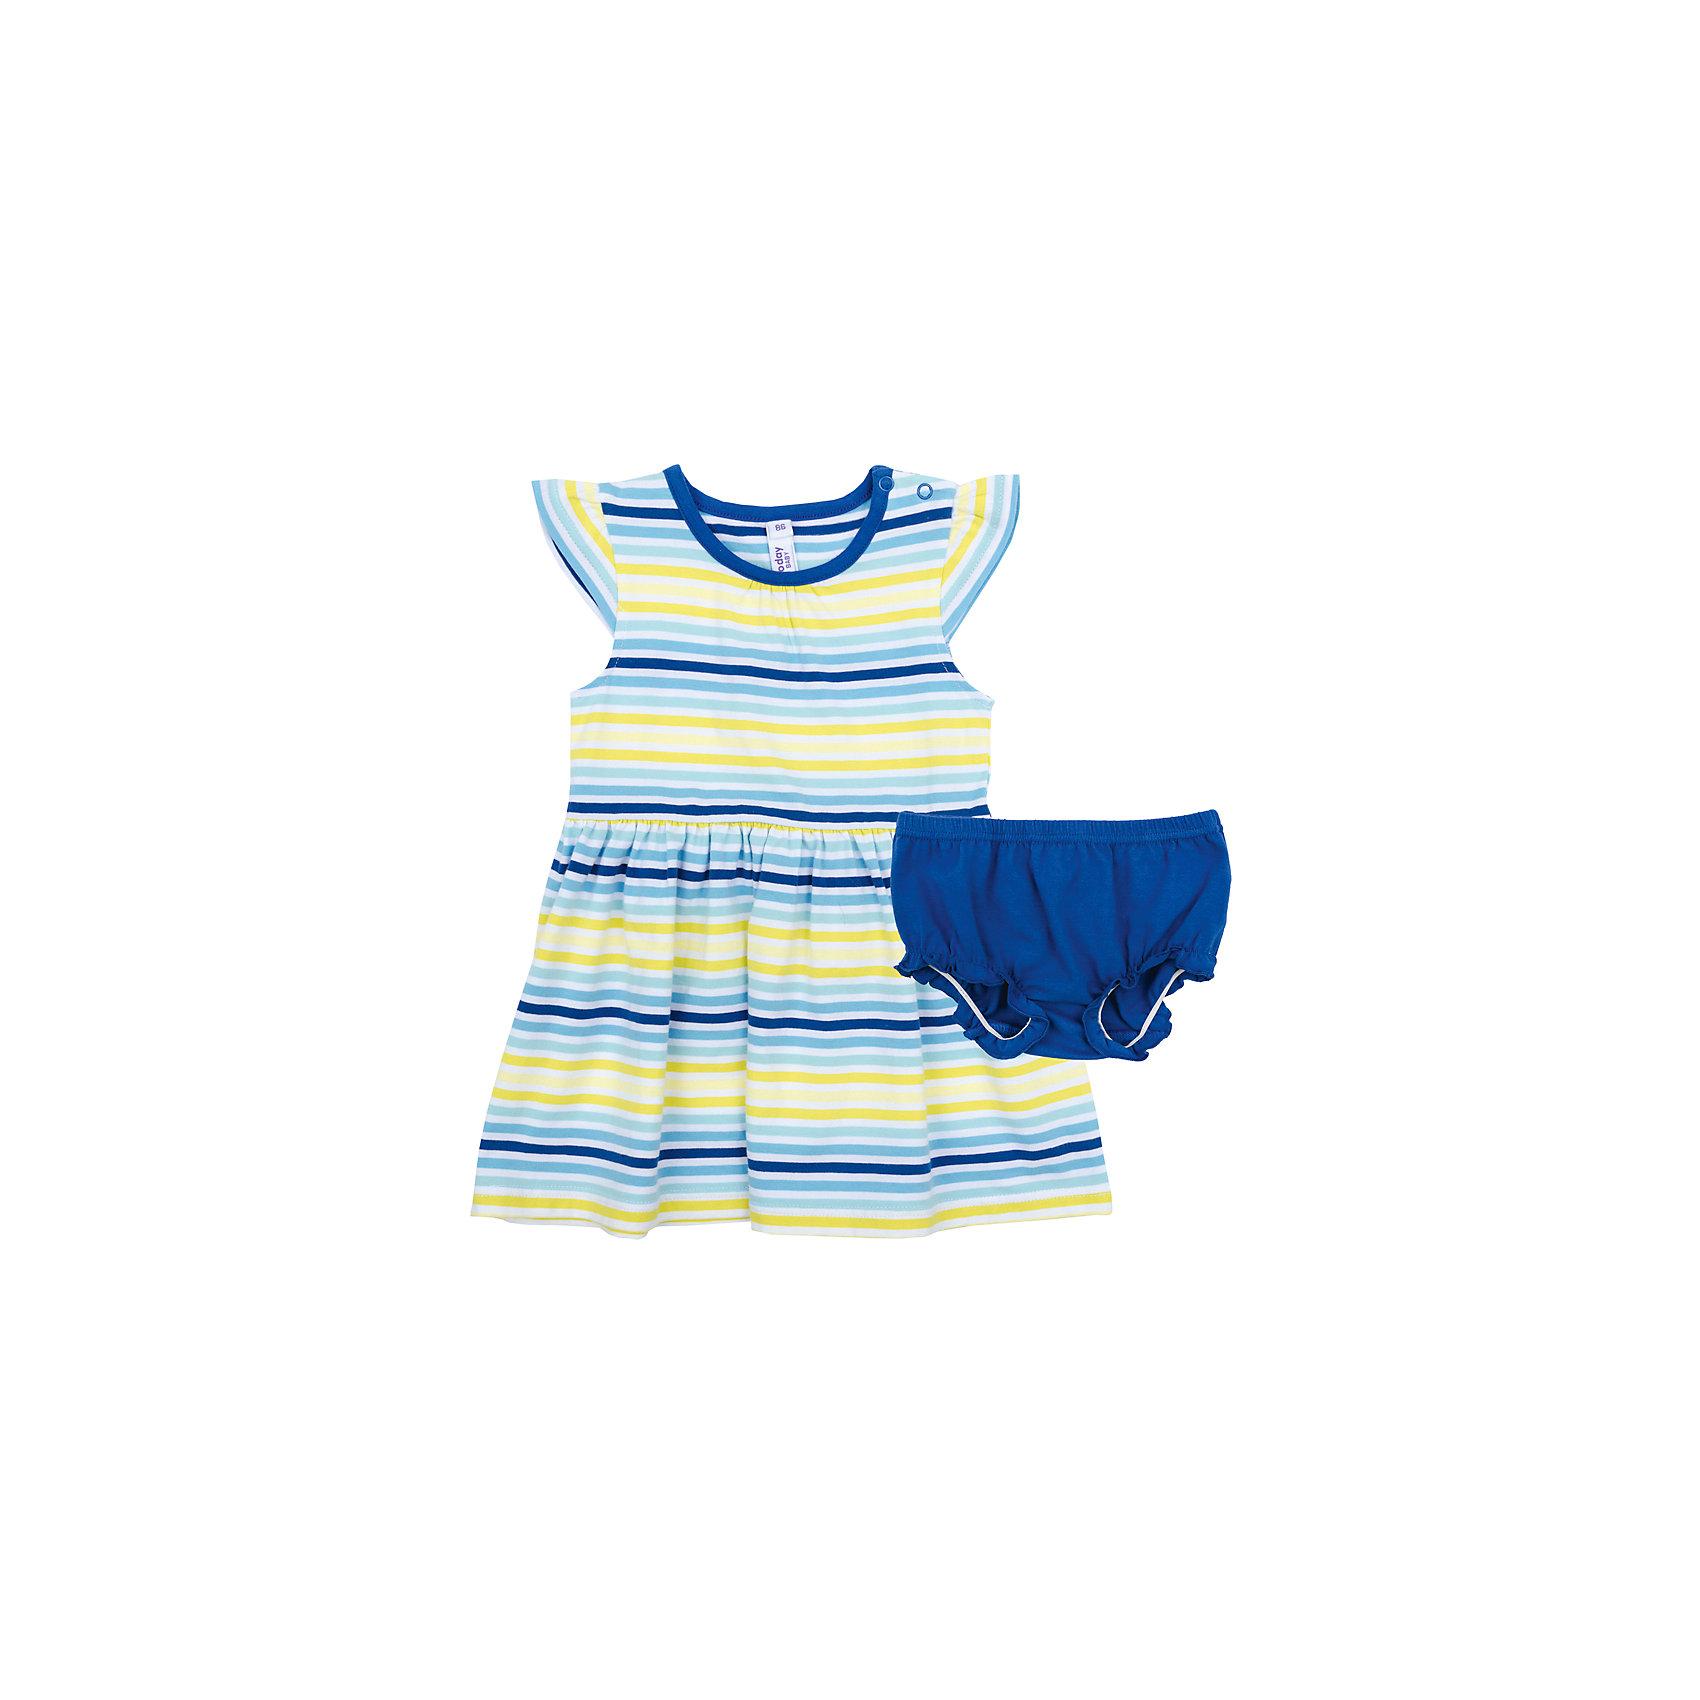 Комплект для девочки PlayTodayКомплекты<br>Комплект для девочки PlayToday<br>Платье, отрезное по талии, с округлым вырезом у горловины, понравится Вашей моднице.  Свободный крой не сковывает движений. Приятная на ощупь ткань не раздражает нежную кожу ребенка. Модель на рукавах декорирована небольшими оборками, что создает эффект крылышекПреимущества: Мягкая ткань не вызывает раздраженийСвободный крой не сковывает движений ребенка<br>Состав:<br>95% хлопок, 5% эластан<br><br>Ширина мм: 236<br>Глубина мм: 16<br>Высота мм: 184<br>Вес г: 177<br>Цвет: белый<br>Возраст от месяцев: 18<br>Возраст до месяцев: 24<br>Пол: Женский<br>Возраст: Детский<br>Размер: 92,74,80,86<br>SKU: 5408358